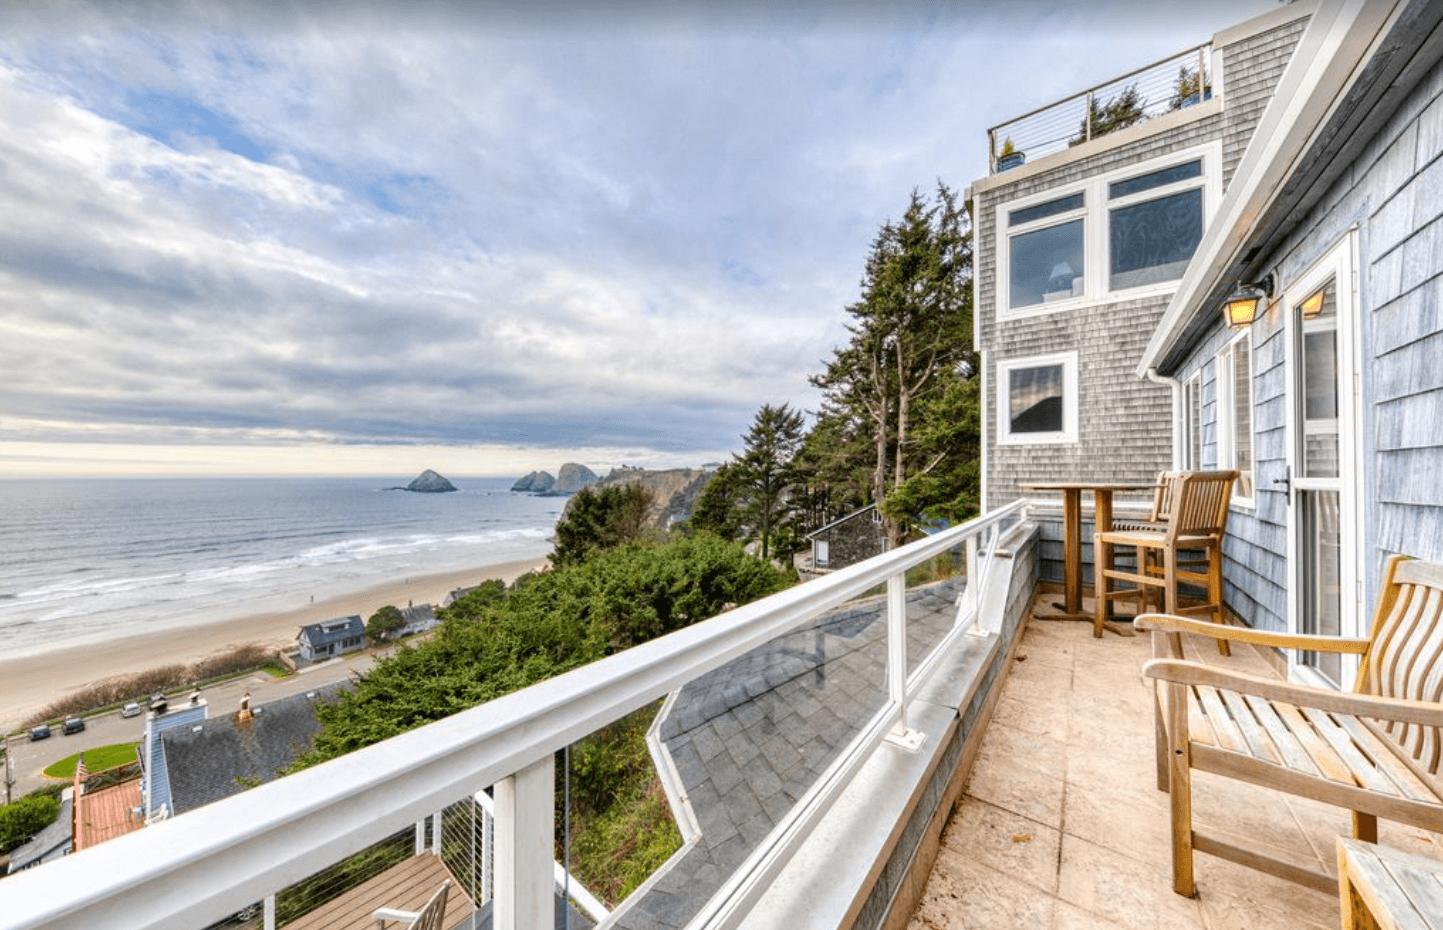 Berni's Ocean View Castle